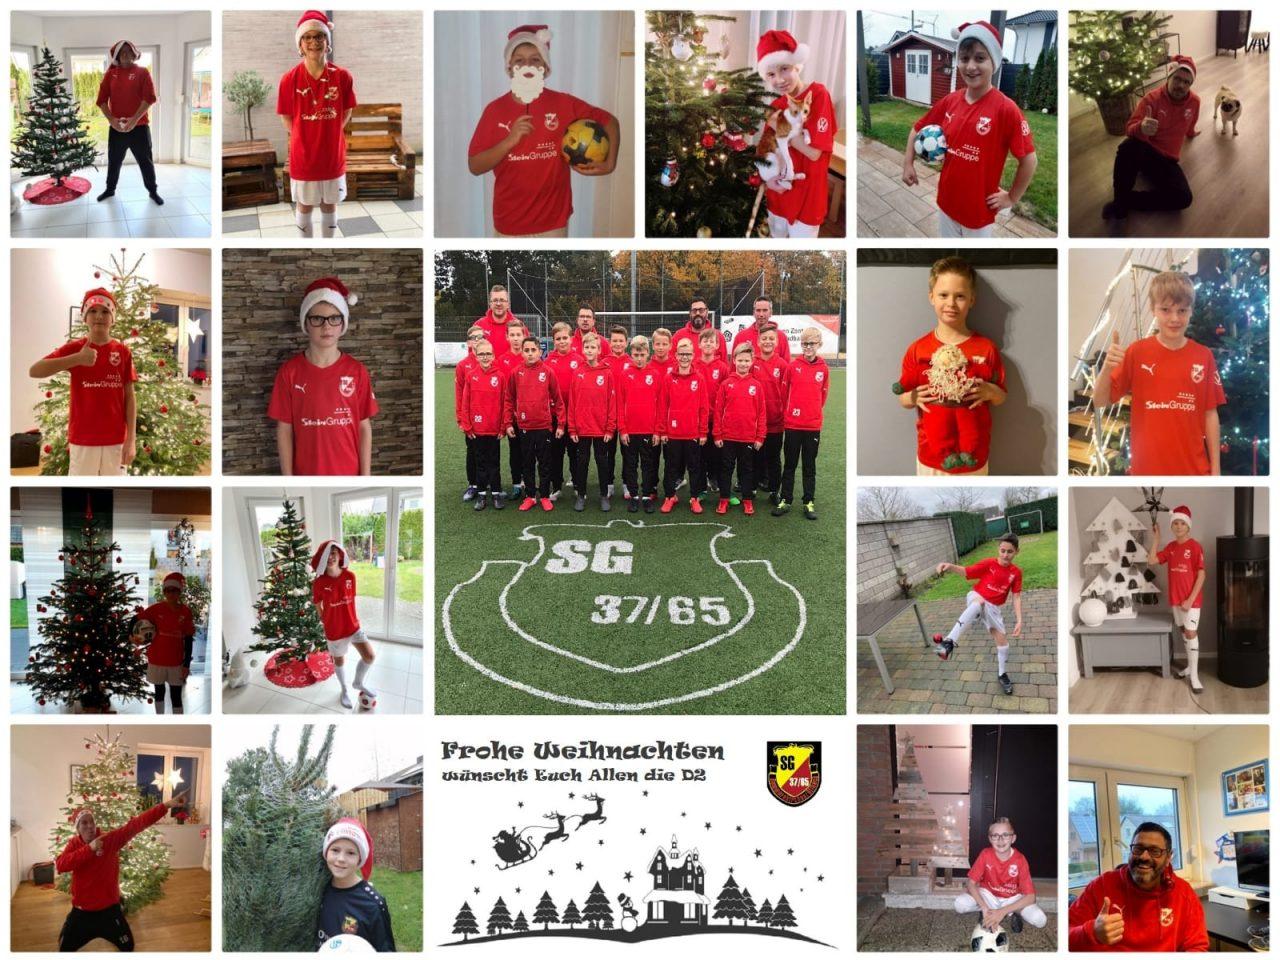 http://rommerskirchen-gilbach.de/wp-content/uploads/2020/12/d2_weihnachten-1280x960.jpg